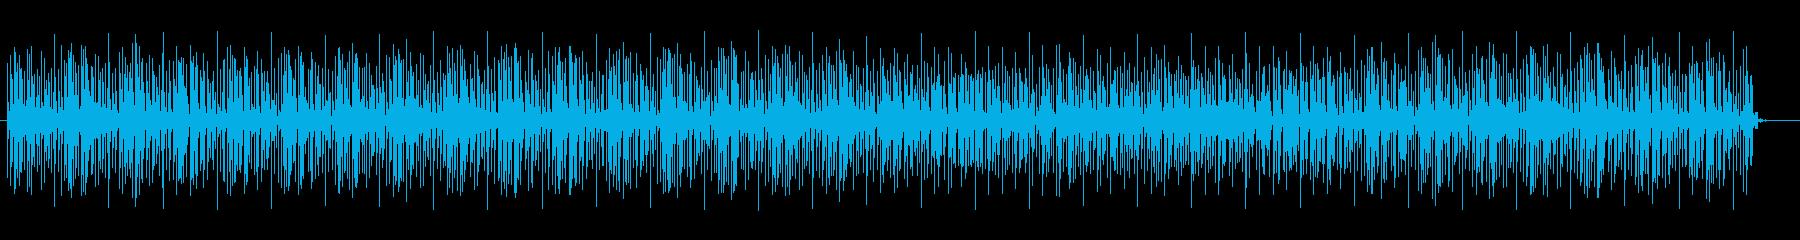 高音の空間的なループのテクノの曲の再生済みの波形